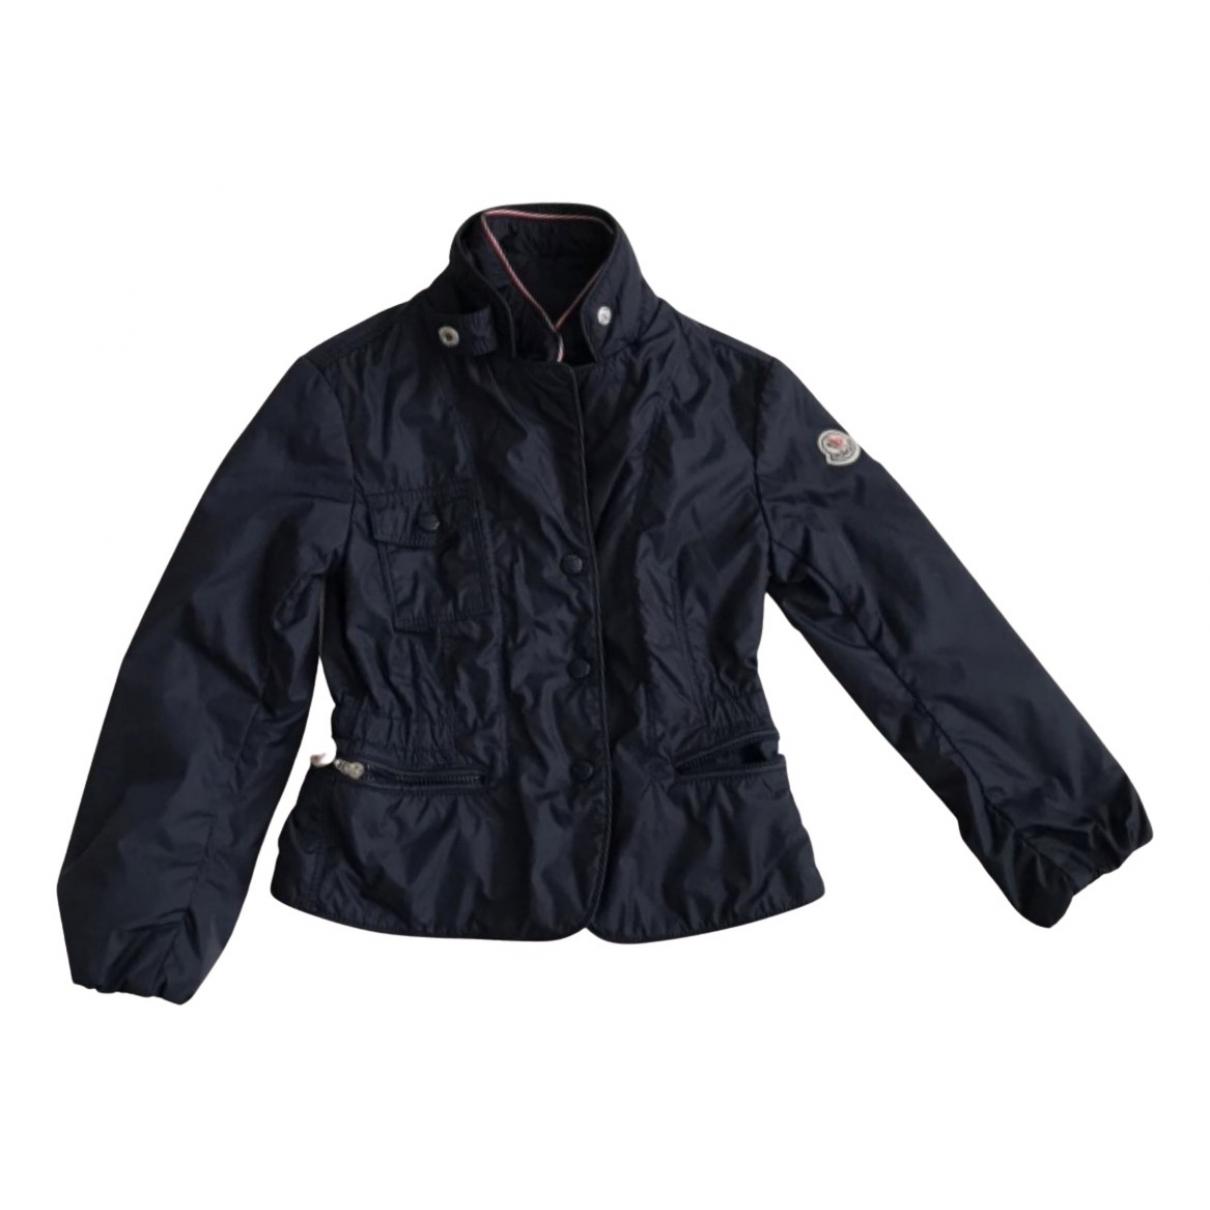 Moncler - Blousons.Manteaux Classic pour enfant - bleu